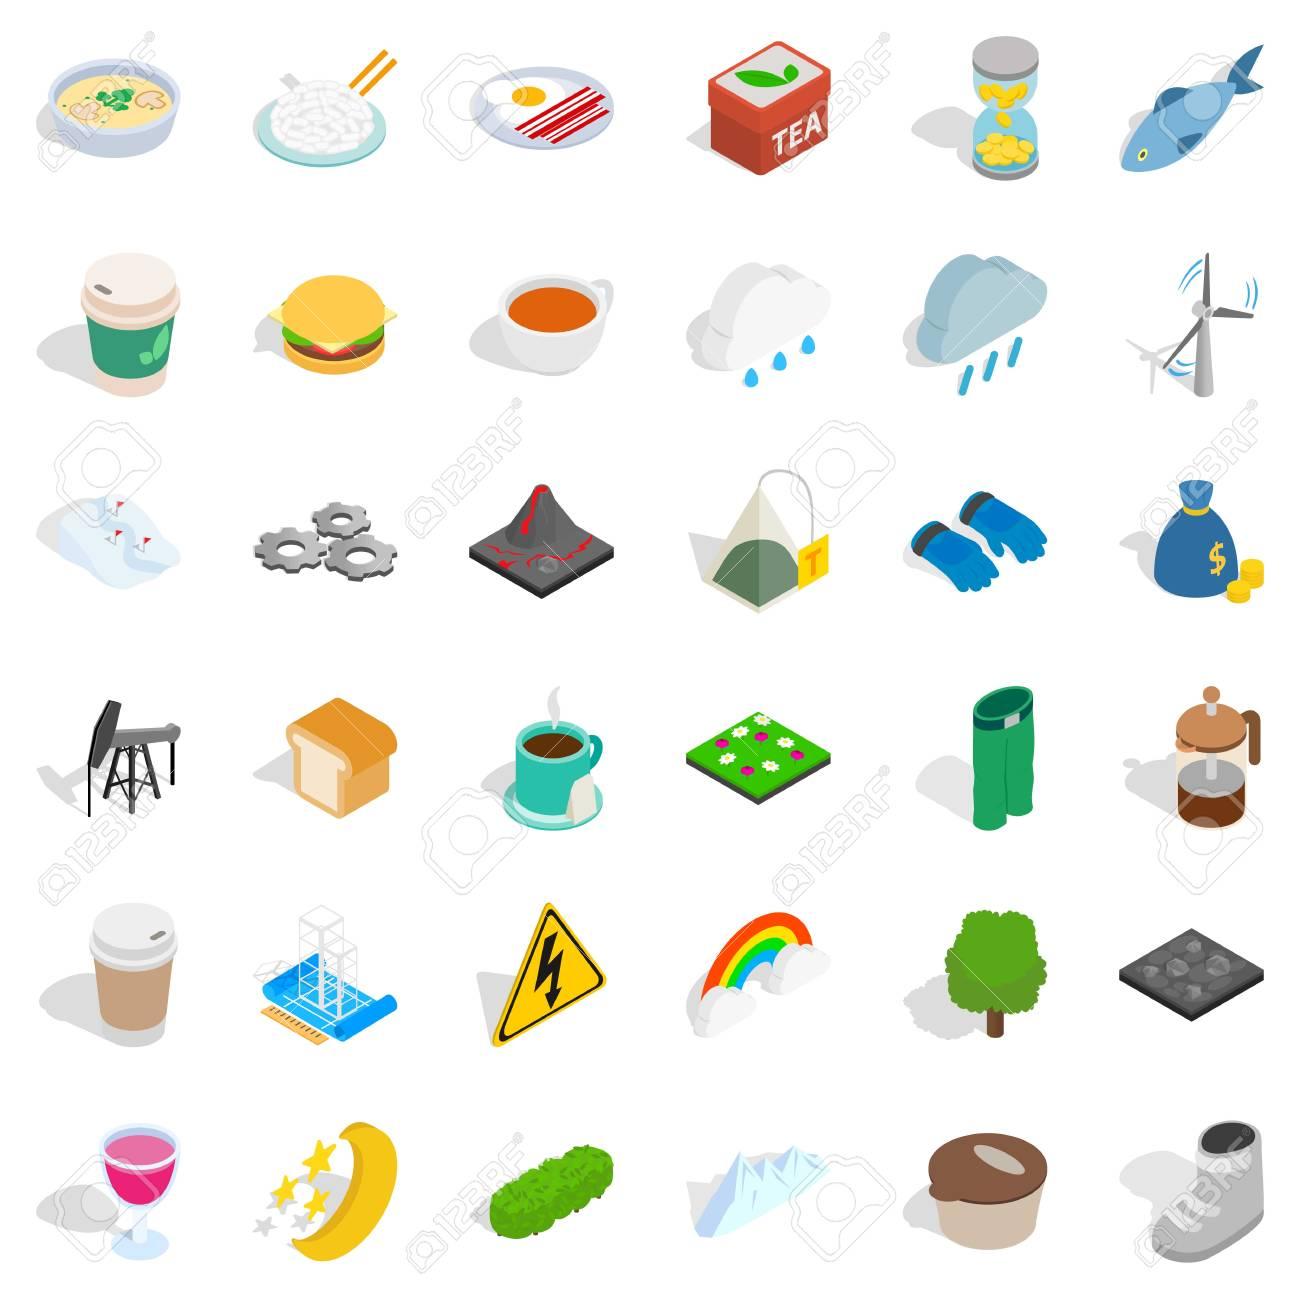 冬食べ物アイコン セットアイソメ図スタイルのイラスト素材ベクタ